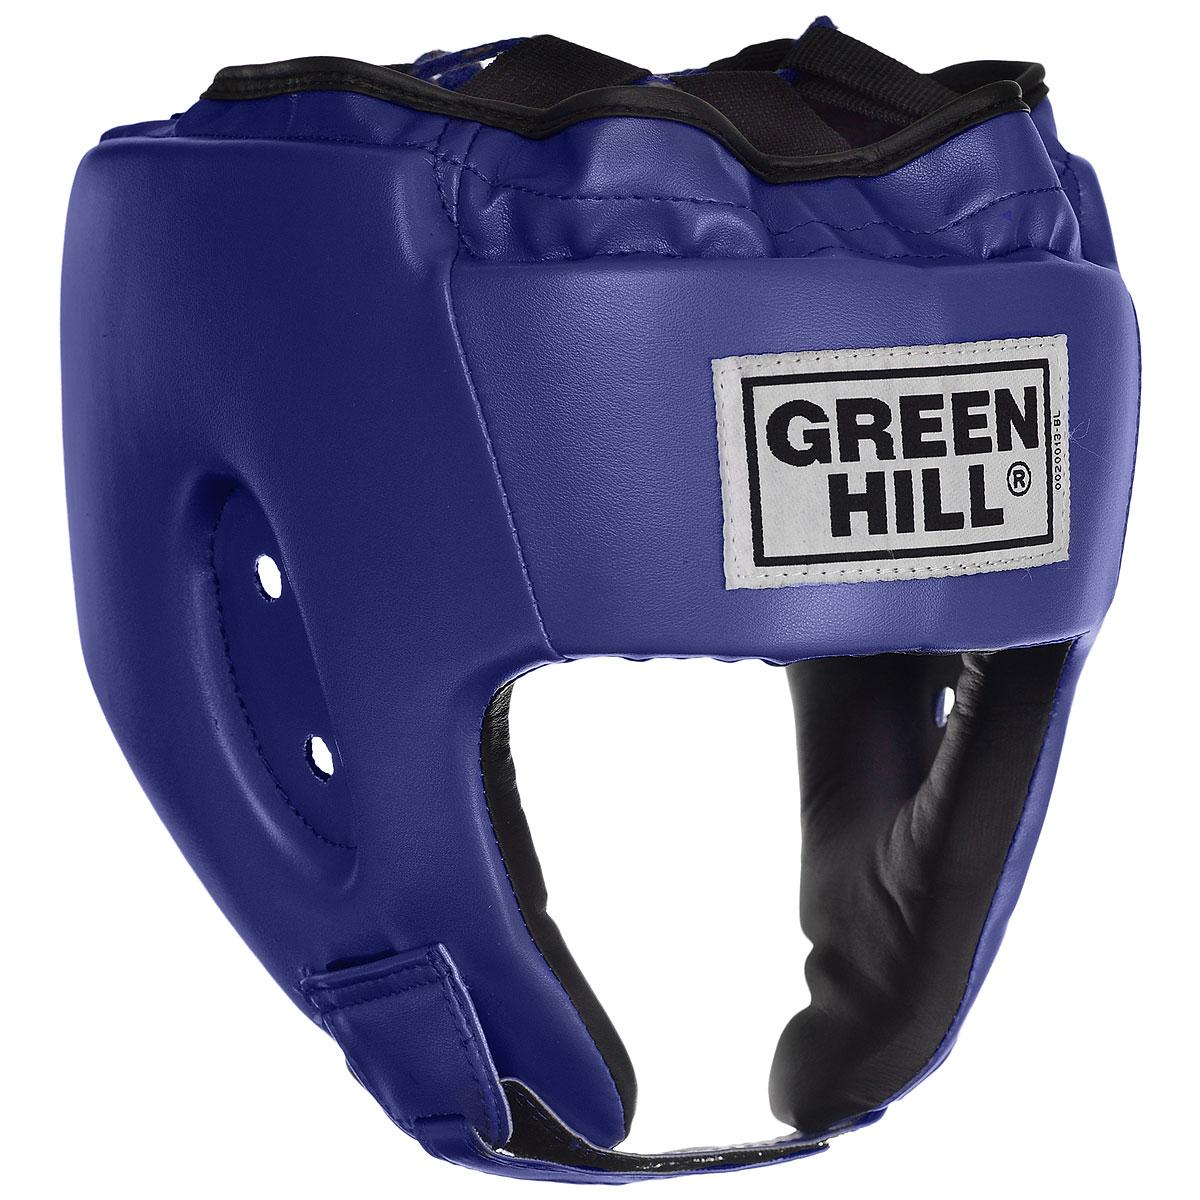 Шлем боксерский Green Hill Alfa, цвет: синий. Размер S (48-53 см)HGA-4014Боксерский шлем Green Hill Alfa предназначен для защиты головы от повреждений во время занятий боксом и кикбоксингом. Подходит как для тренировок, так и для соревнований. Выполнен из высококачественной искусственной кожи. Шлем имеет двойную систему крепления, которая крепко удерживает его на голове: шнуровка сверху, застежка на липучке на затылке и под подбородком. Крепления регулируемые, благодаря чему шлем можно подогнать четко под свой размер. Обеспечивает достаточную защиту и обзор во время поединка.